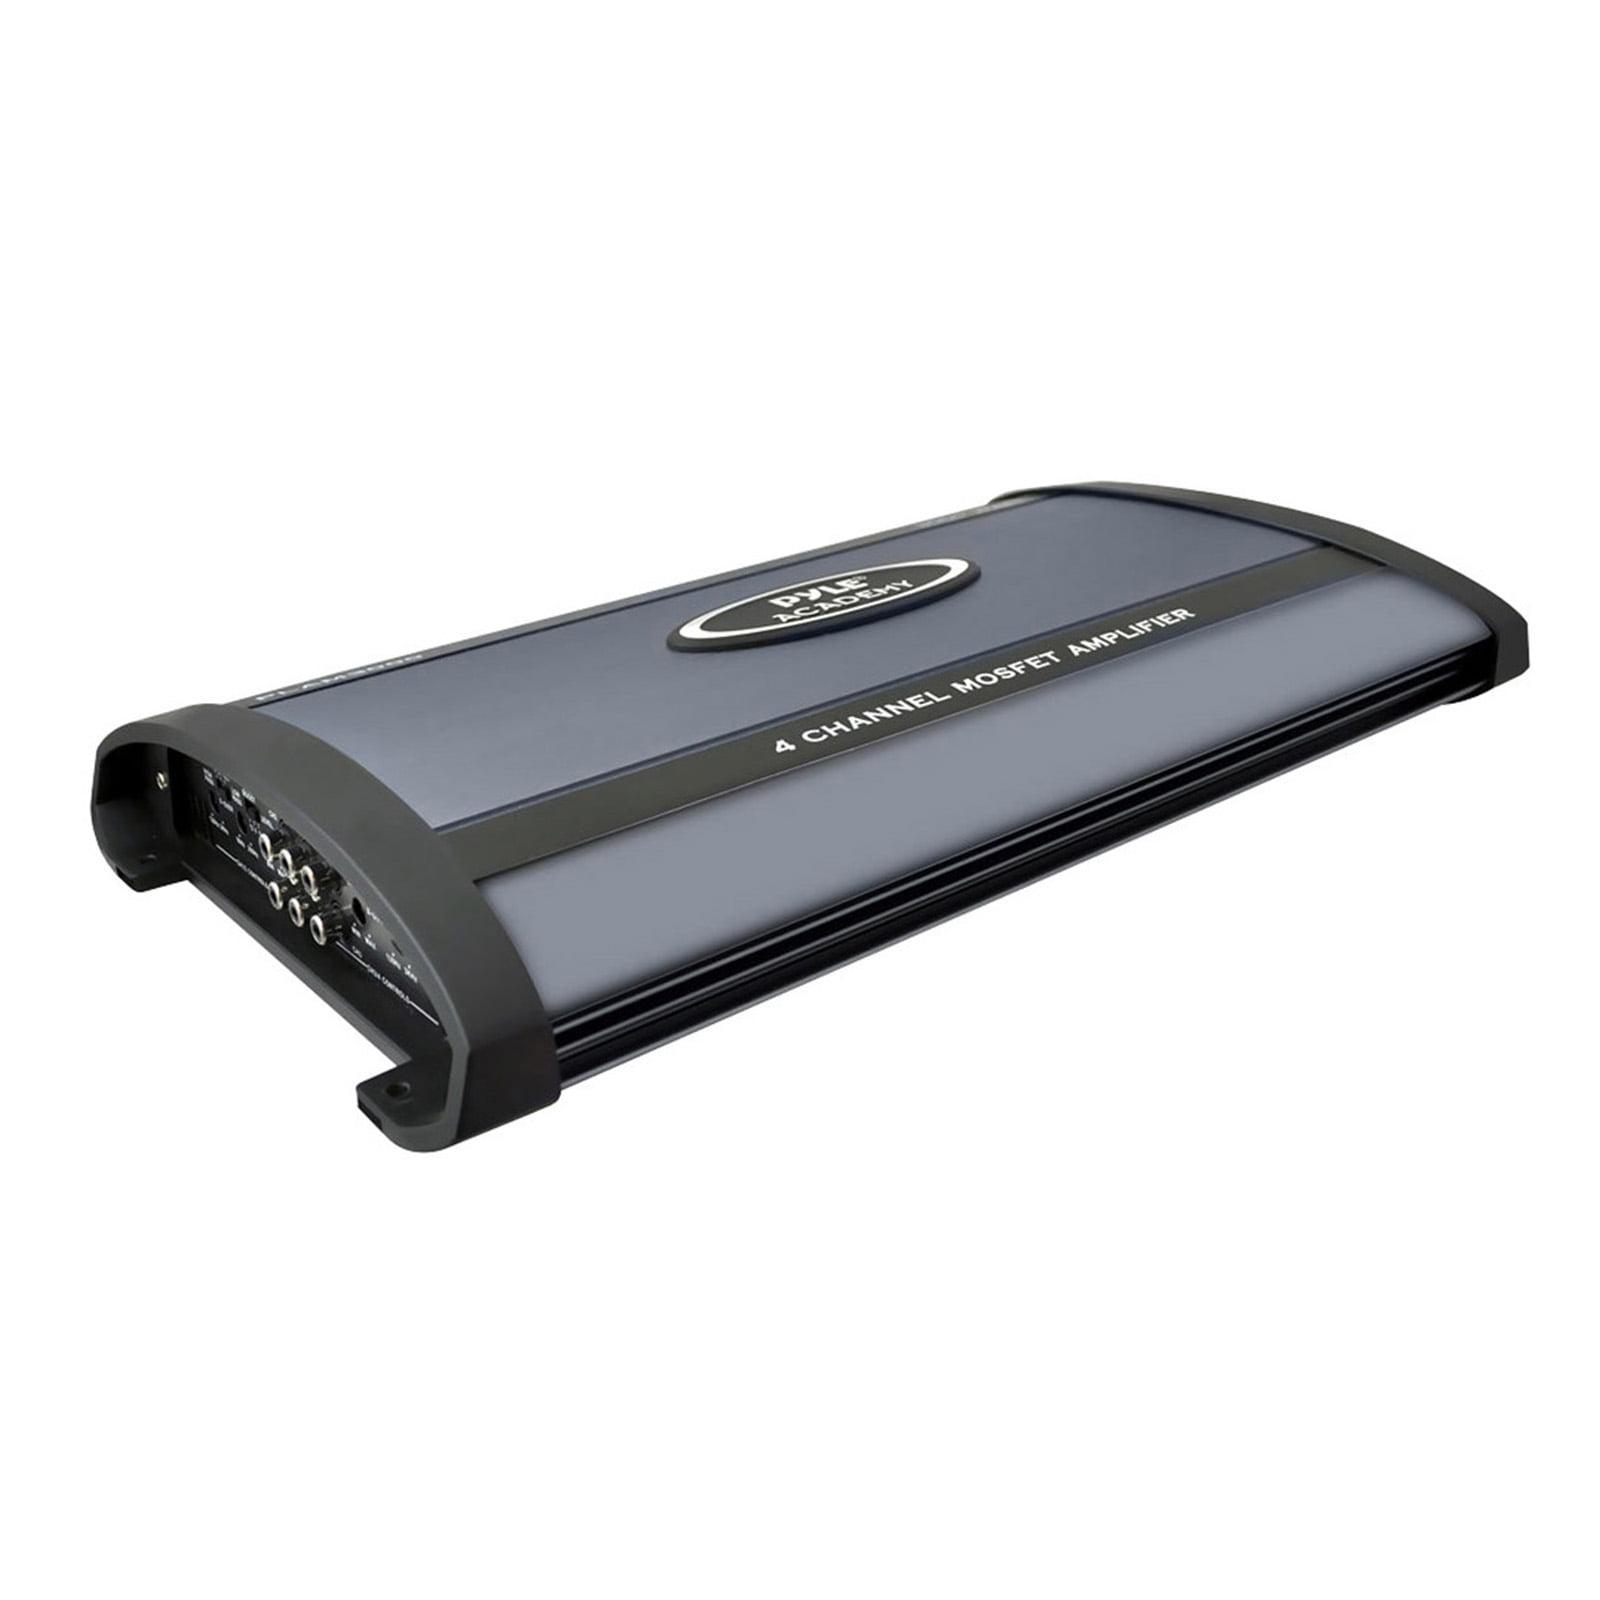 Pyle 3000 Watts 4 Channel Bridgeable Amplifier